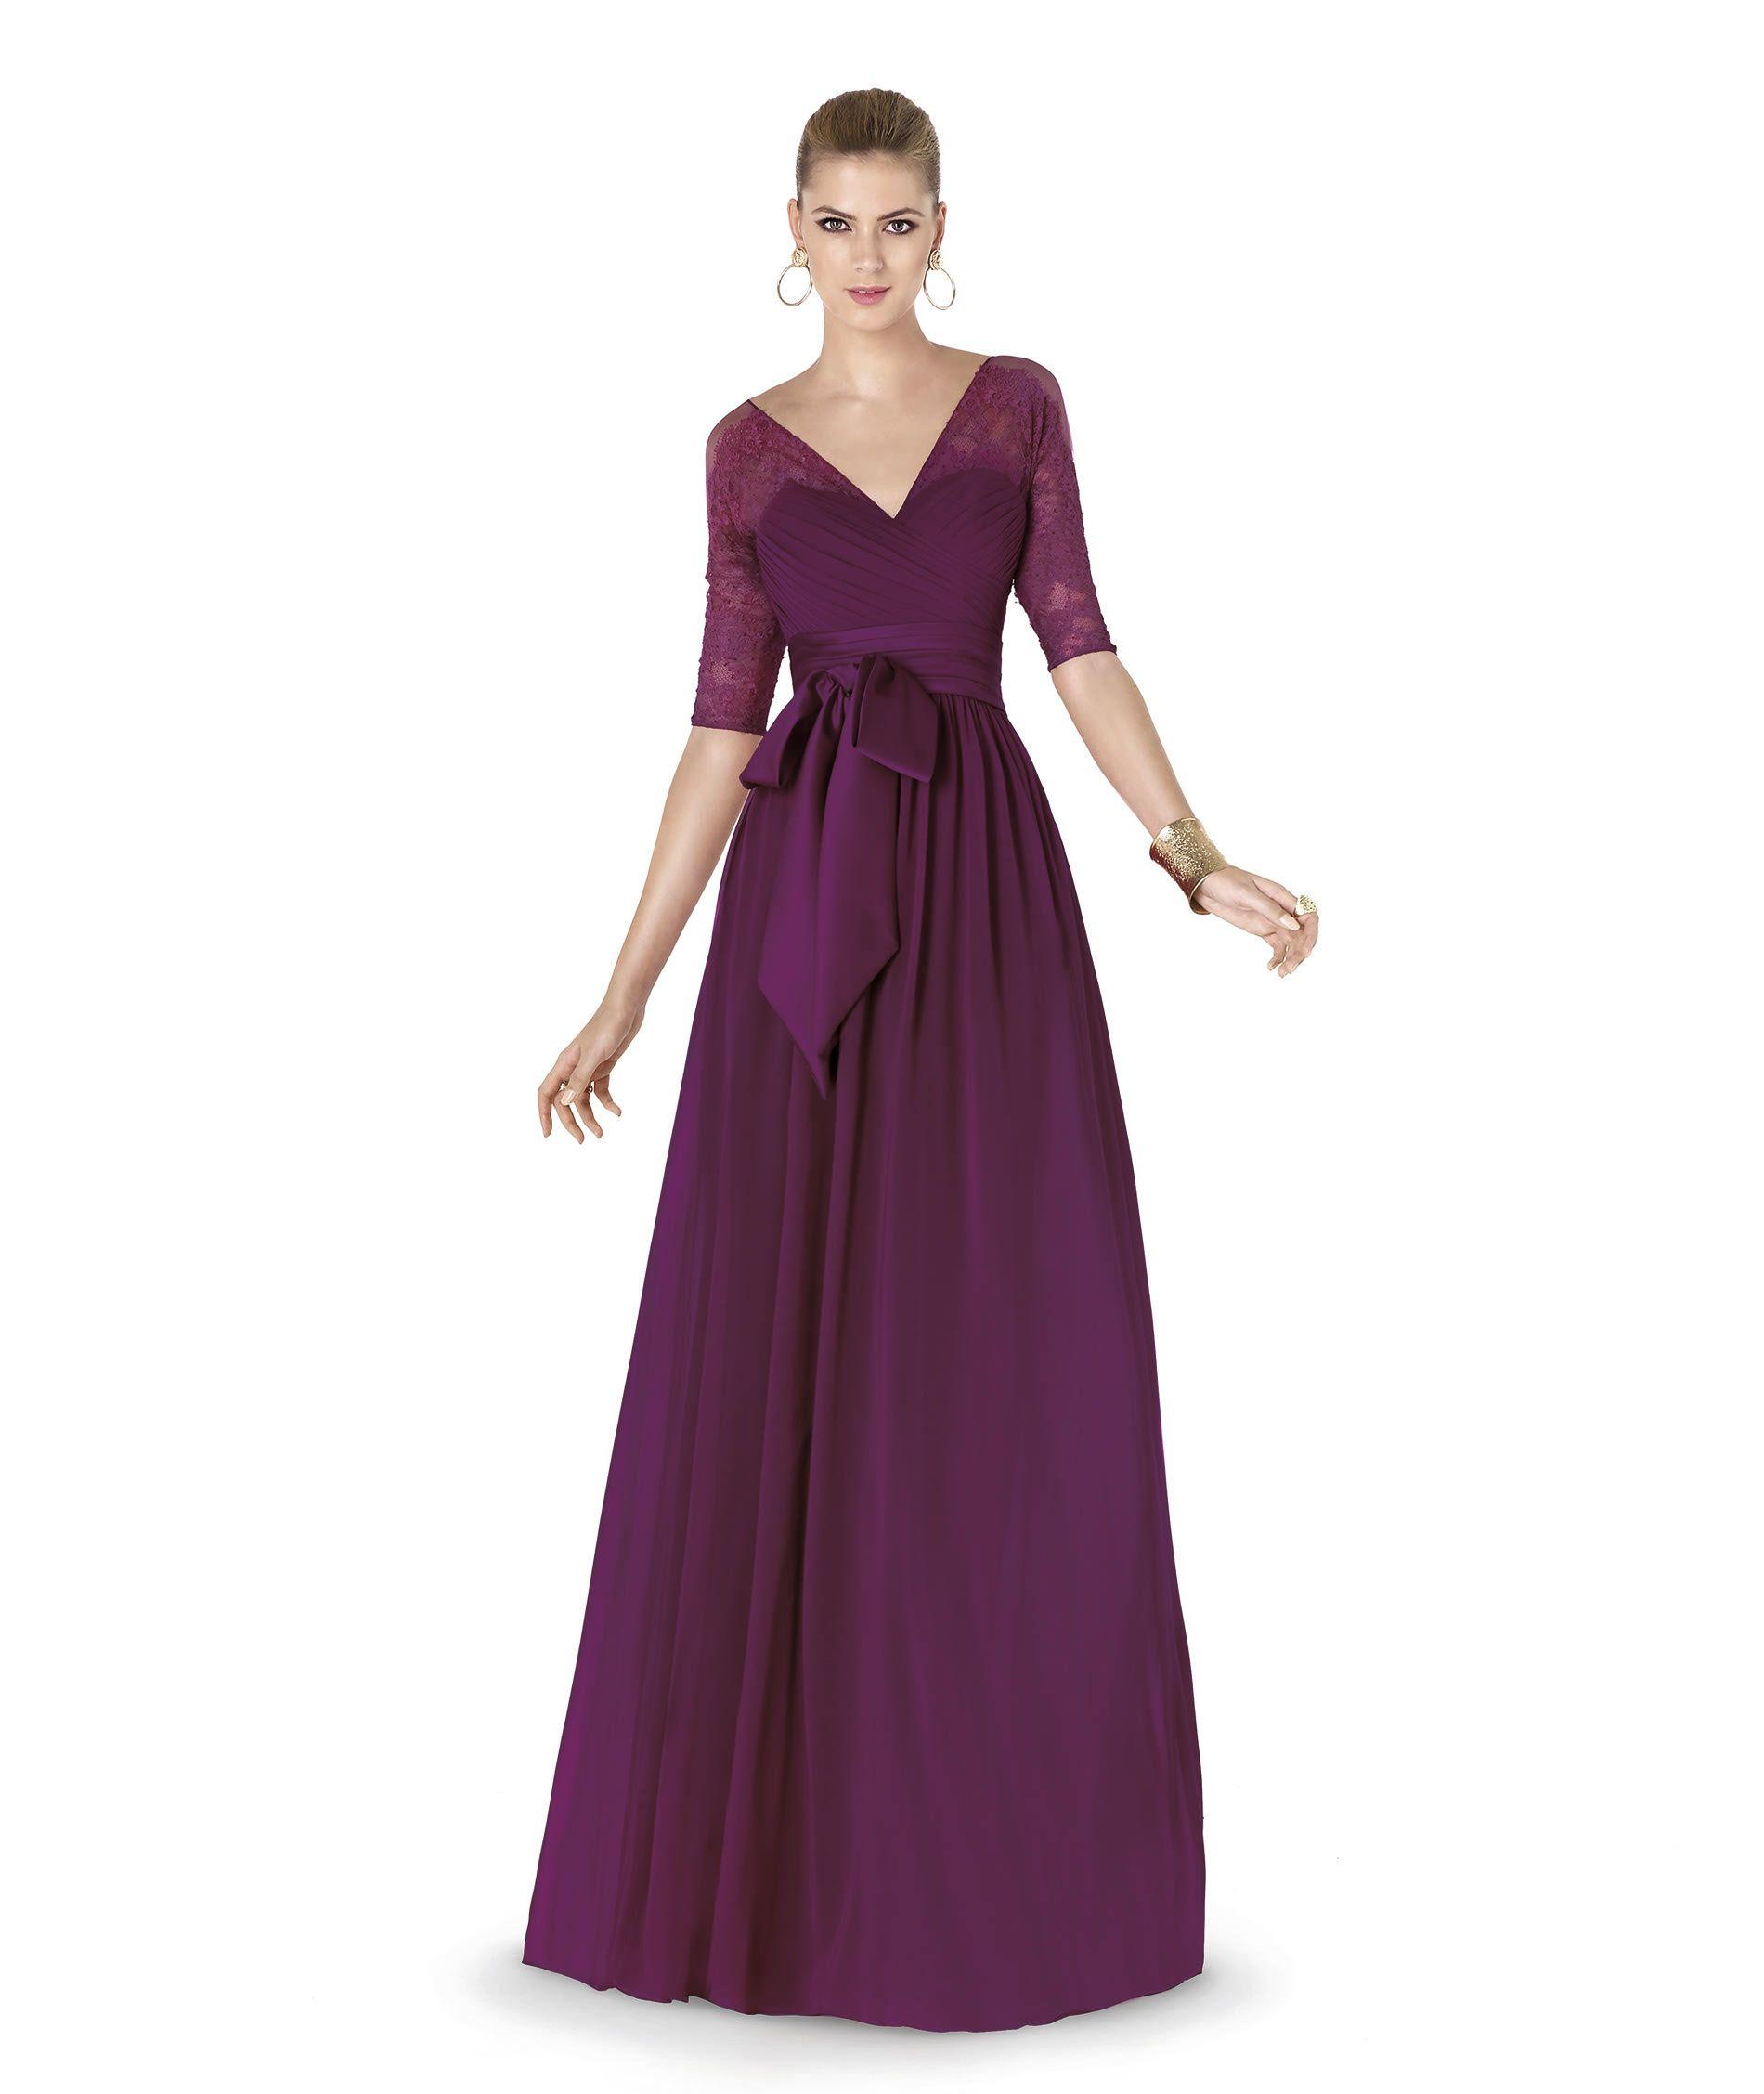 LARE Robe de soirée 2016 | La coleccion, Vestidos de fiesta y Fiestas